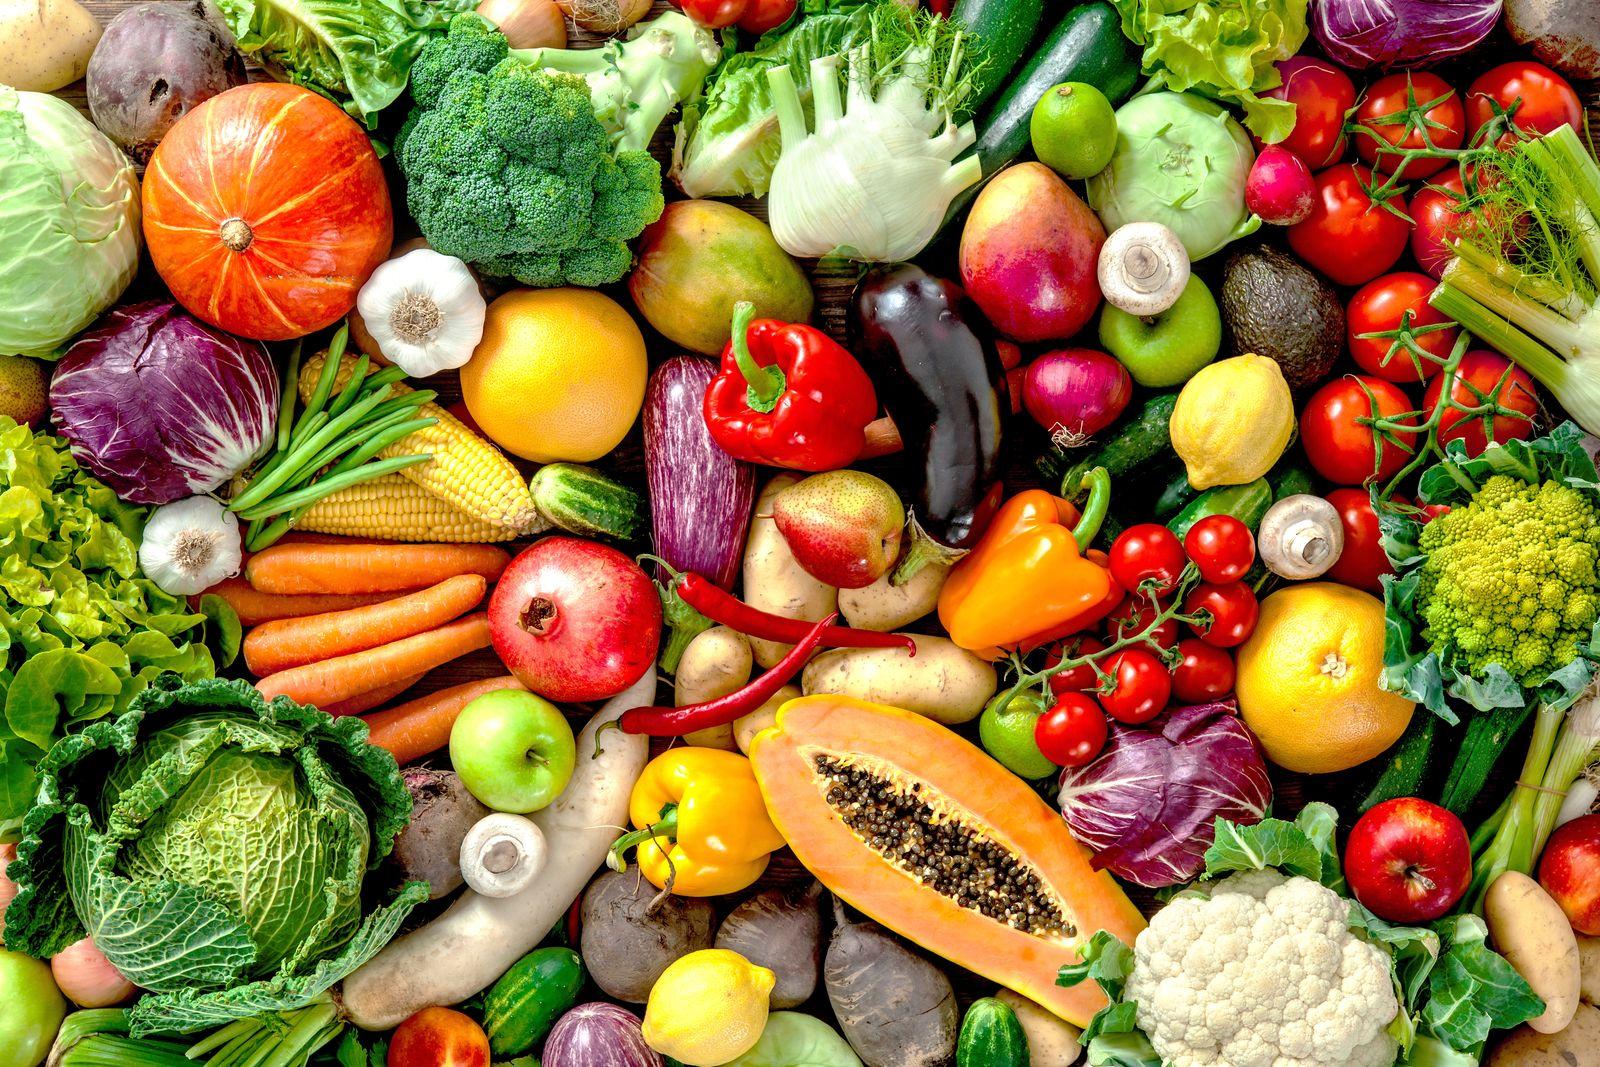 Super Obst oder Gemüse: Wo liegt eigentlich der Unterschied? - Plantura @TH_88